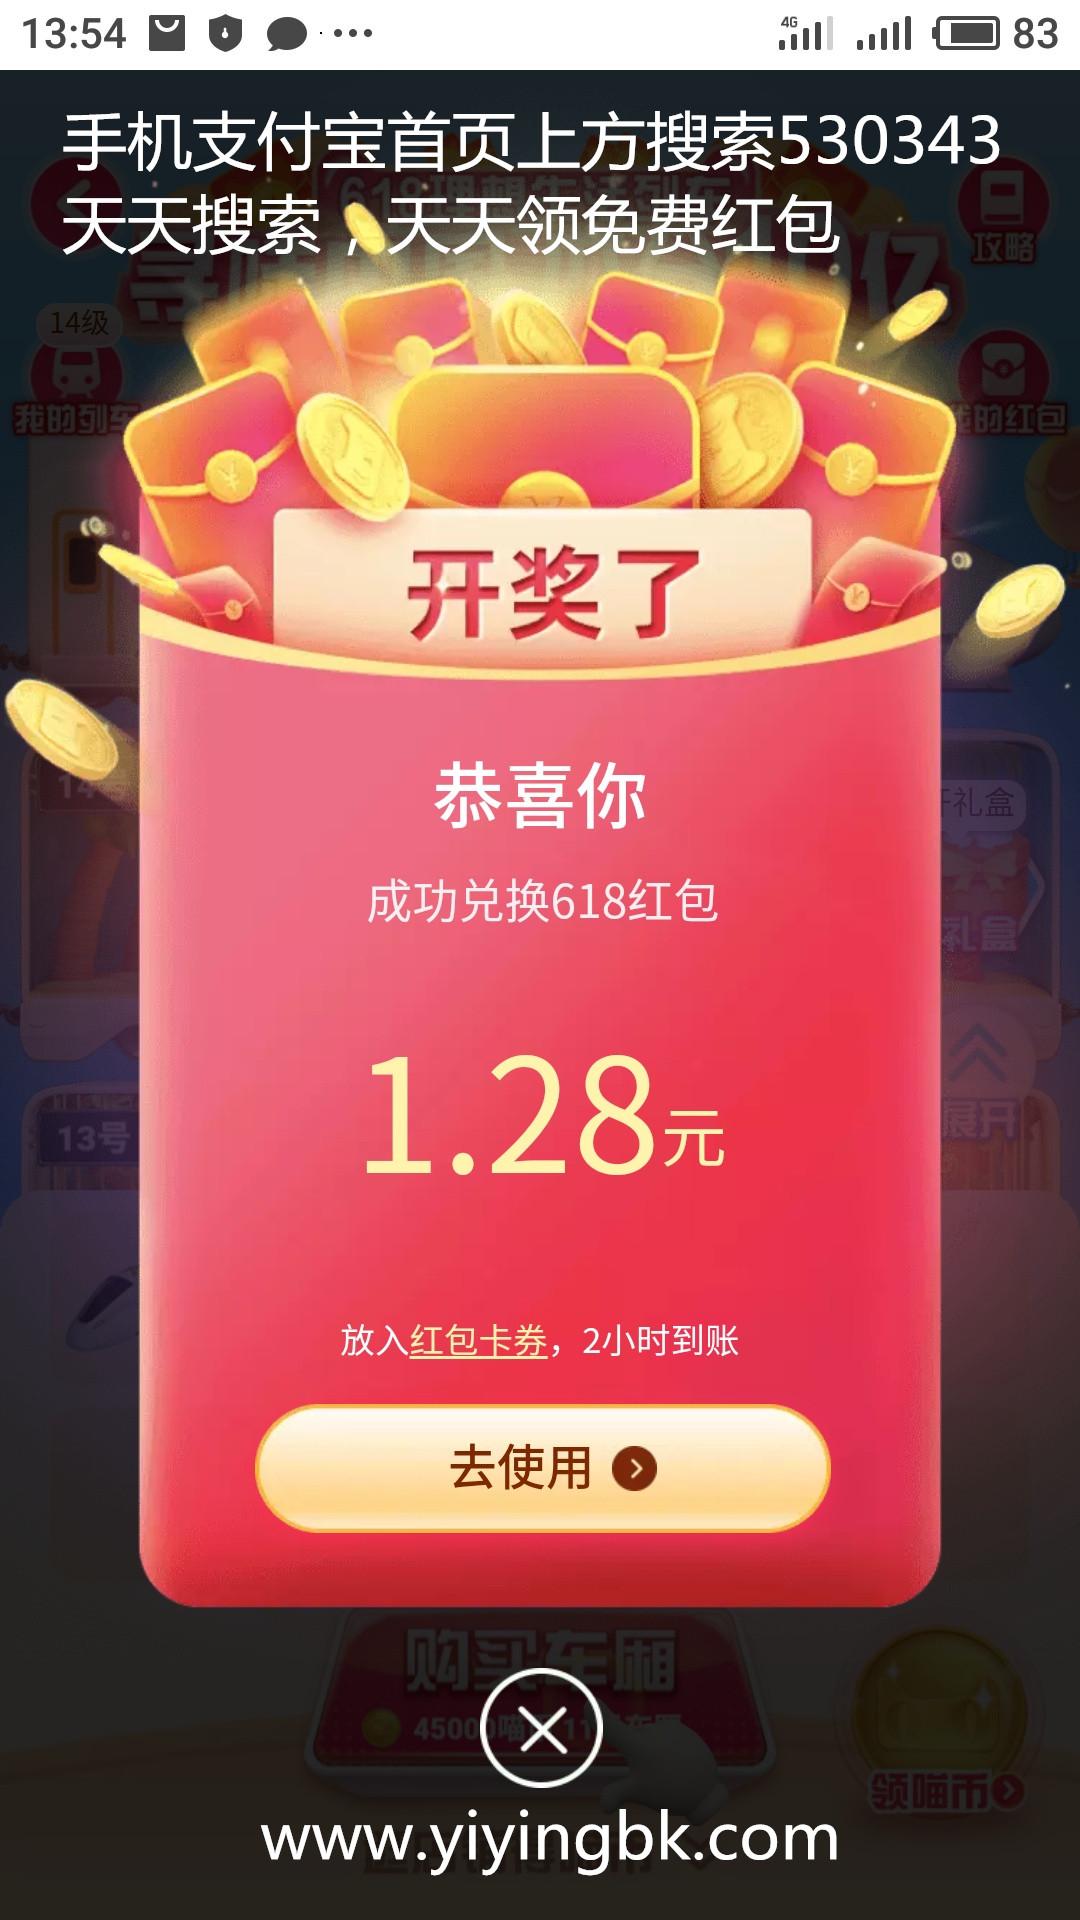 618开奖后,你兑换领到了多少红包?